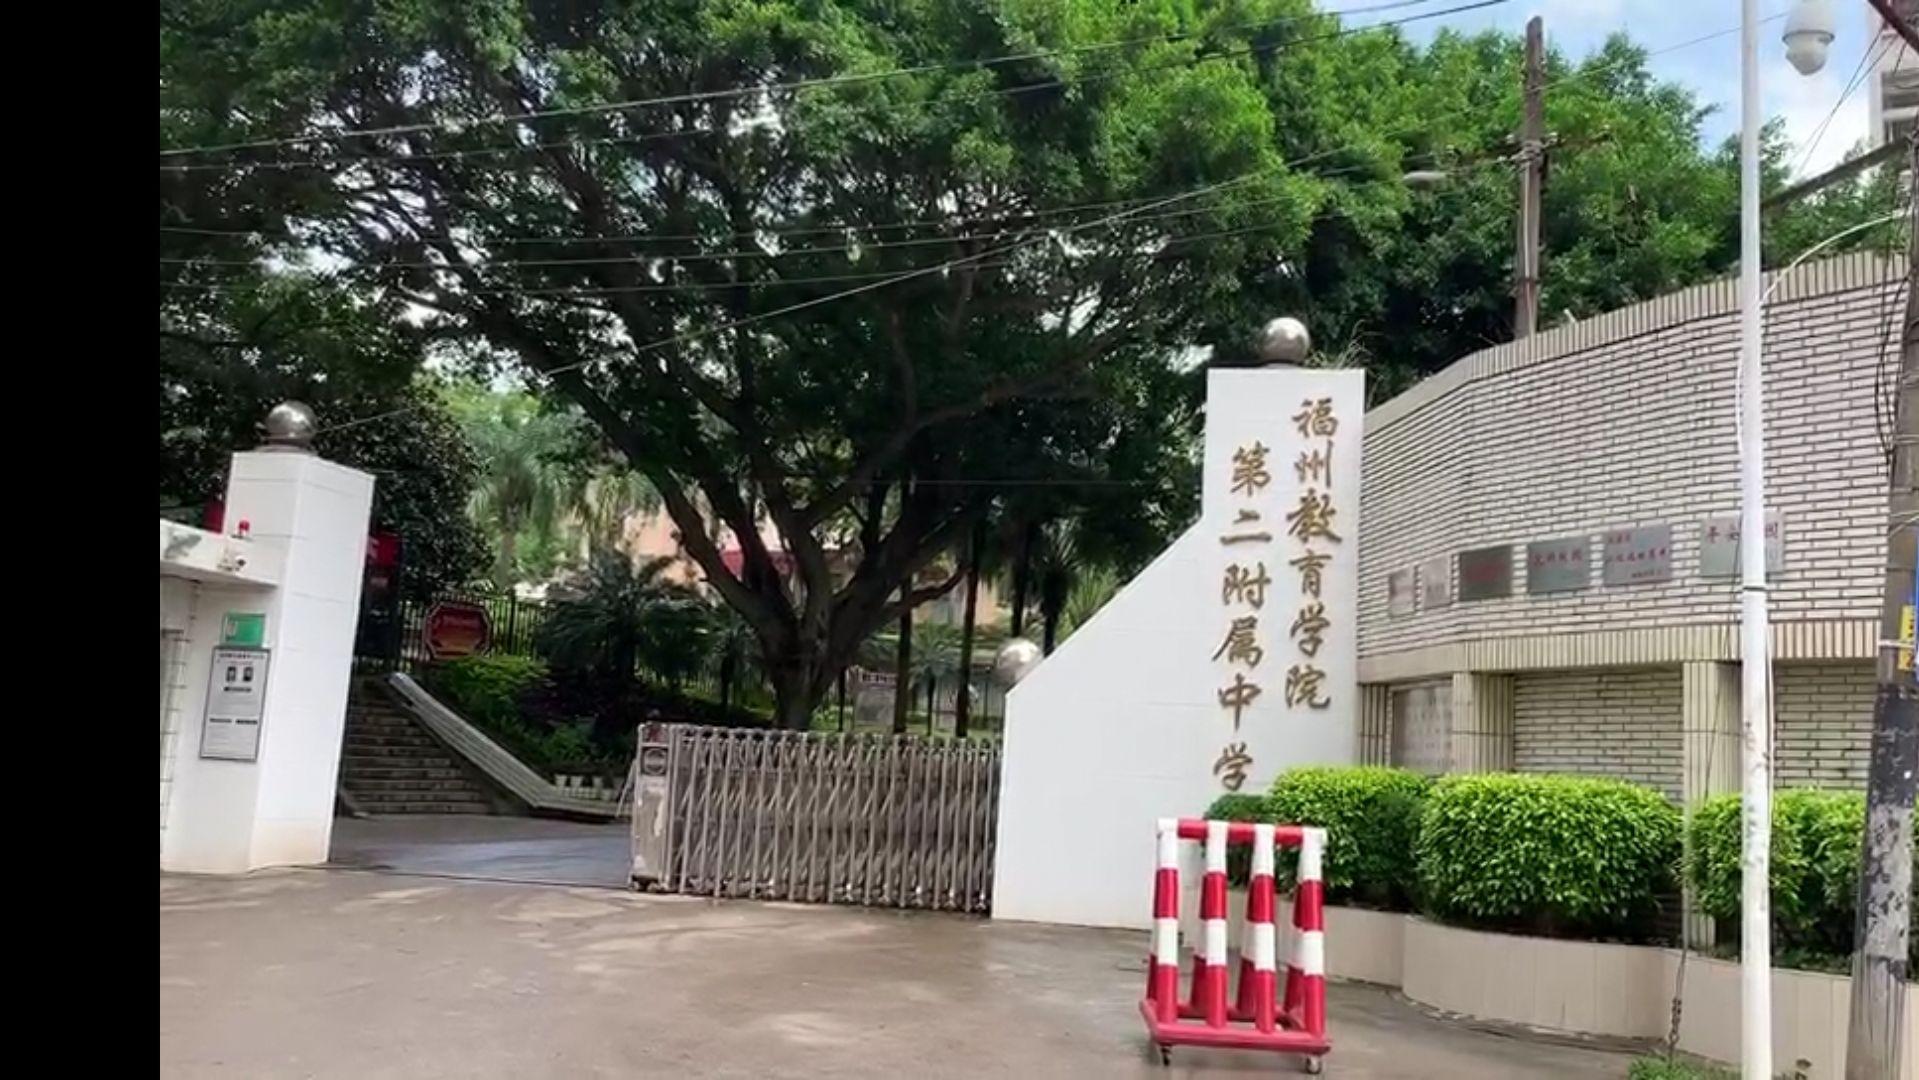 吴谢宇母亲同事:辞职信是复印的 曾生疑但没有多想